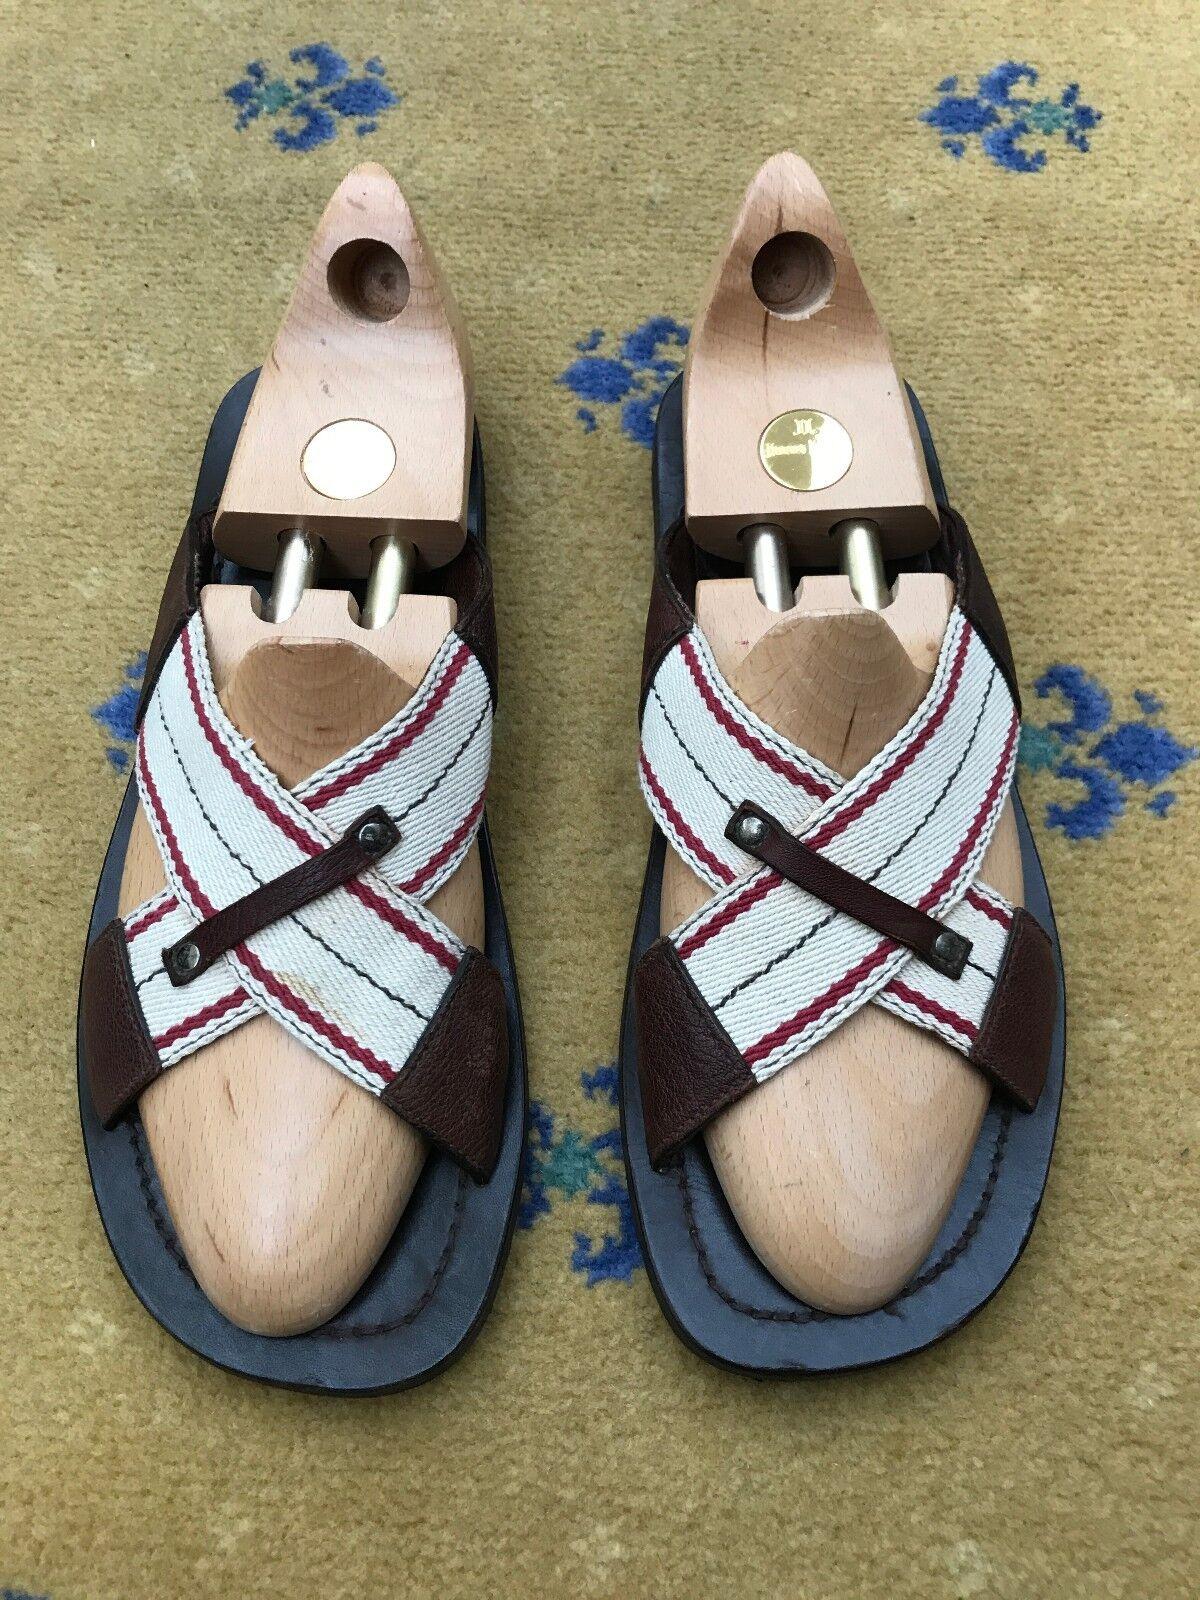 Miu Miu by Prada  Herren Herren  Sandales Flip Flop Braun Leder Schuhes UK 9 US 10 EU 43 3d8811